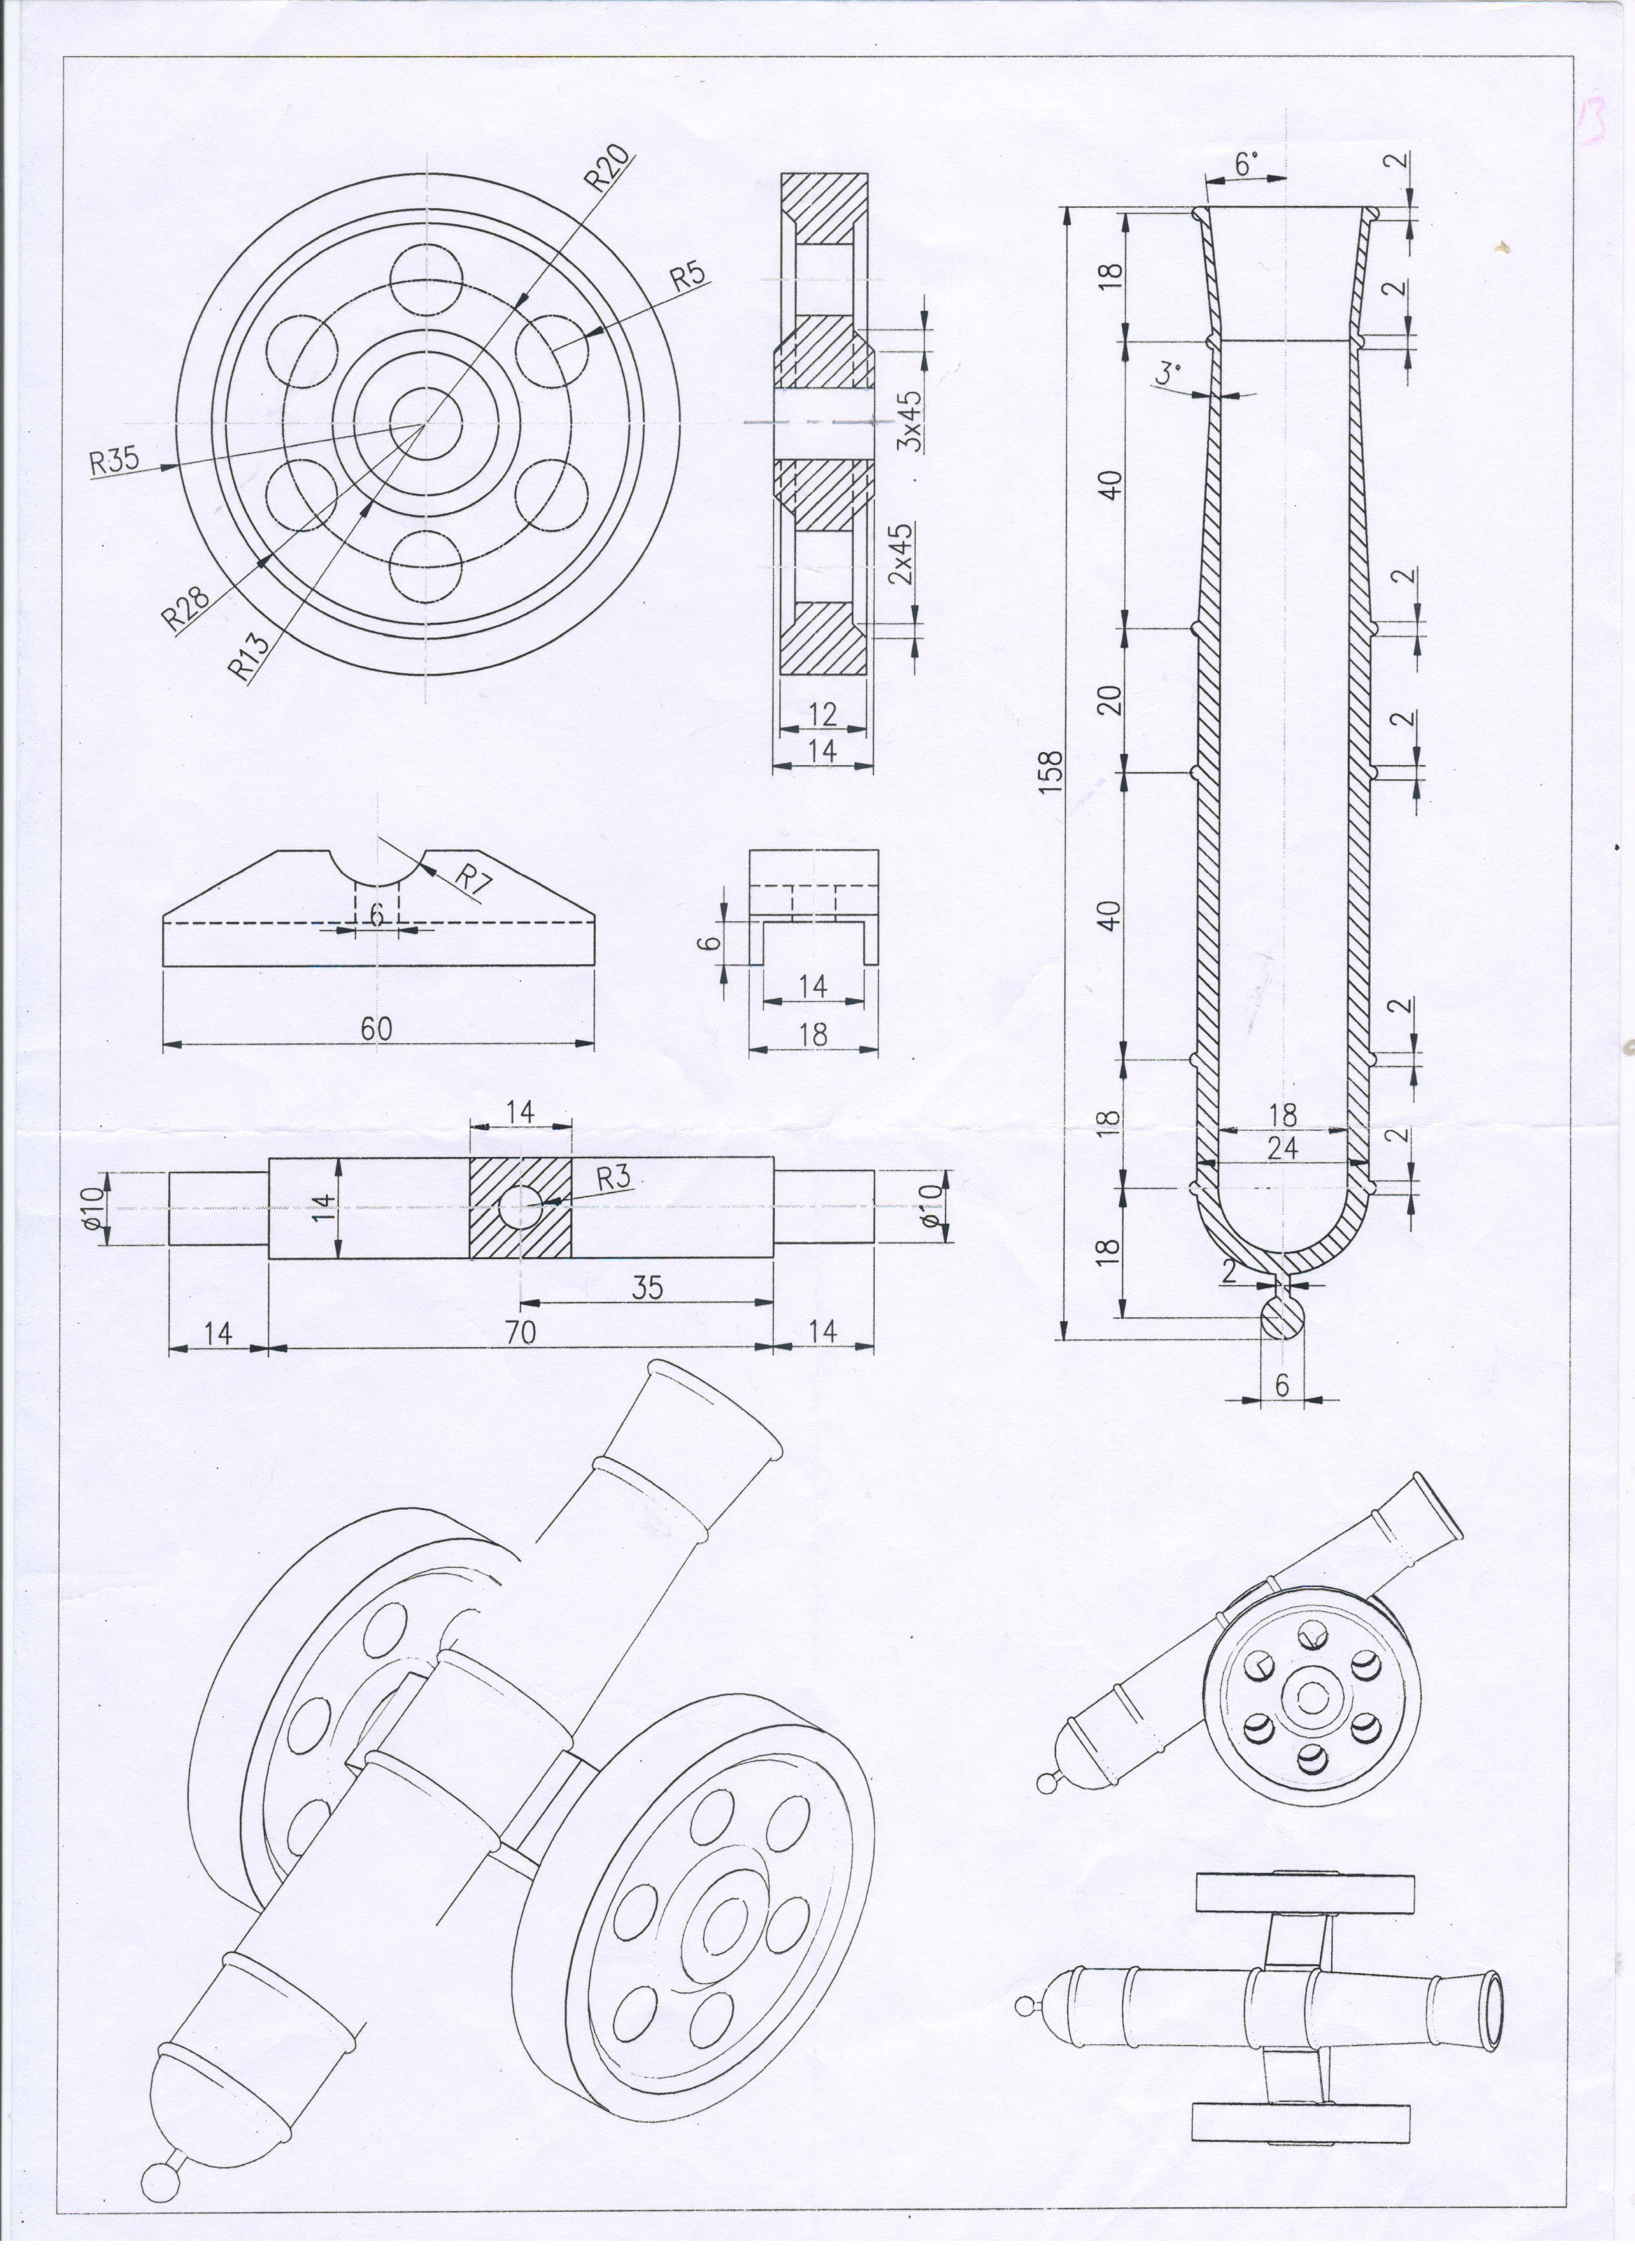 Mini cannon | wielding & metal projects in 2019 | Industrial